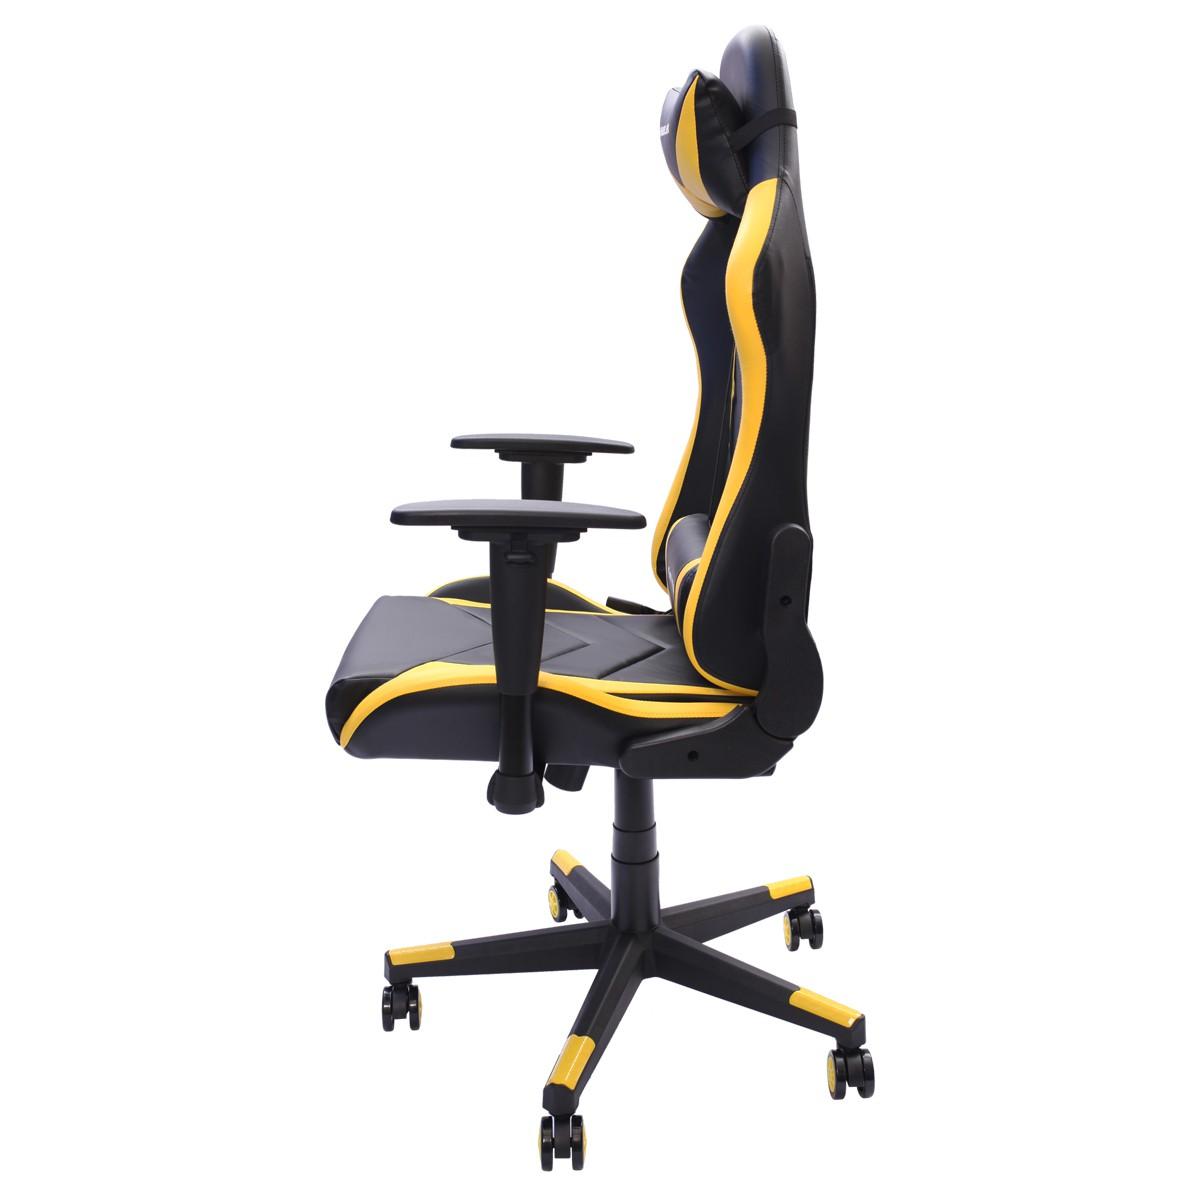 Cadeira Gamer EagleX Pro Giratória com Ajuste de Altura Reclinável e Braços Ajustáveis Amarela